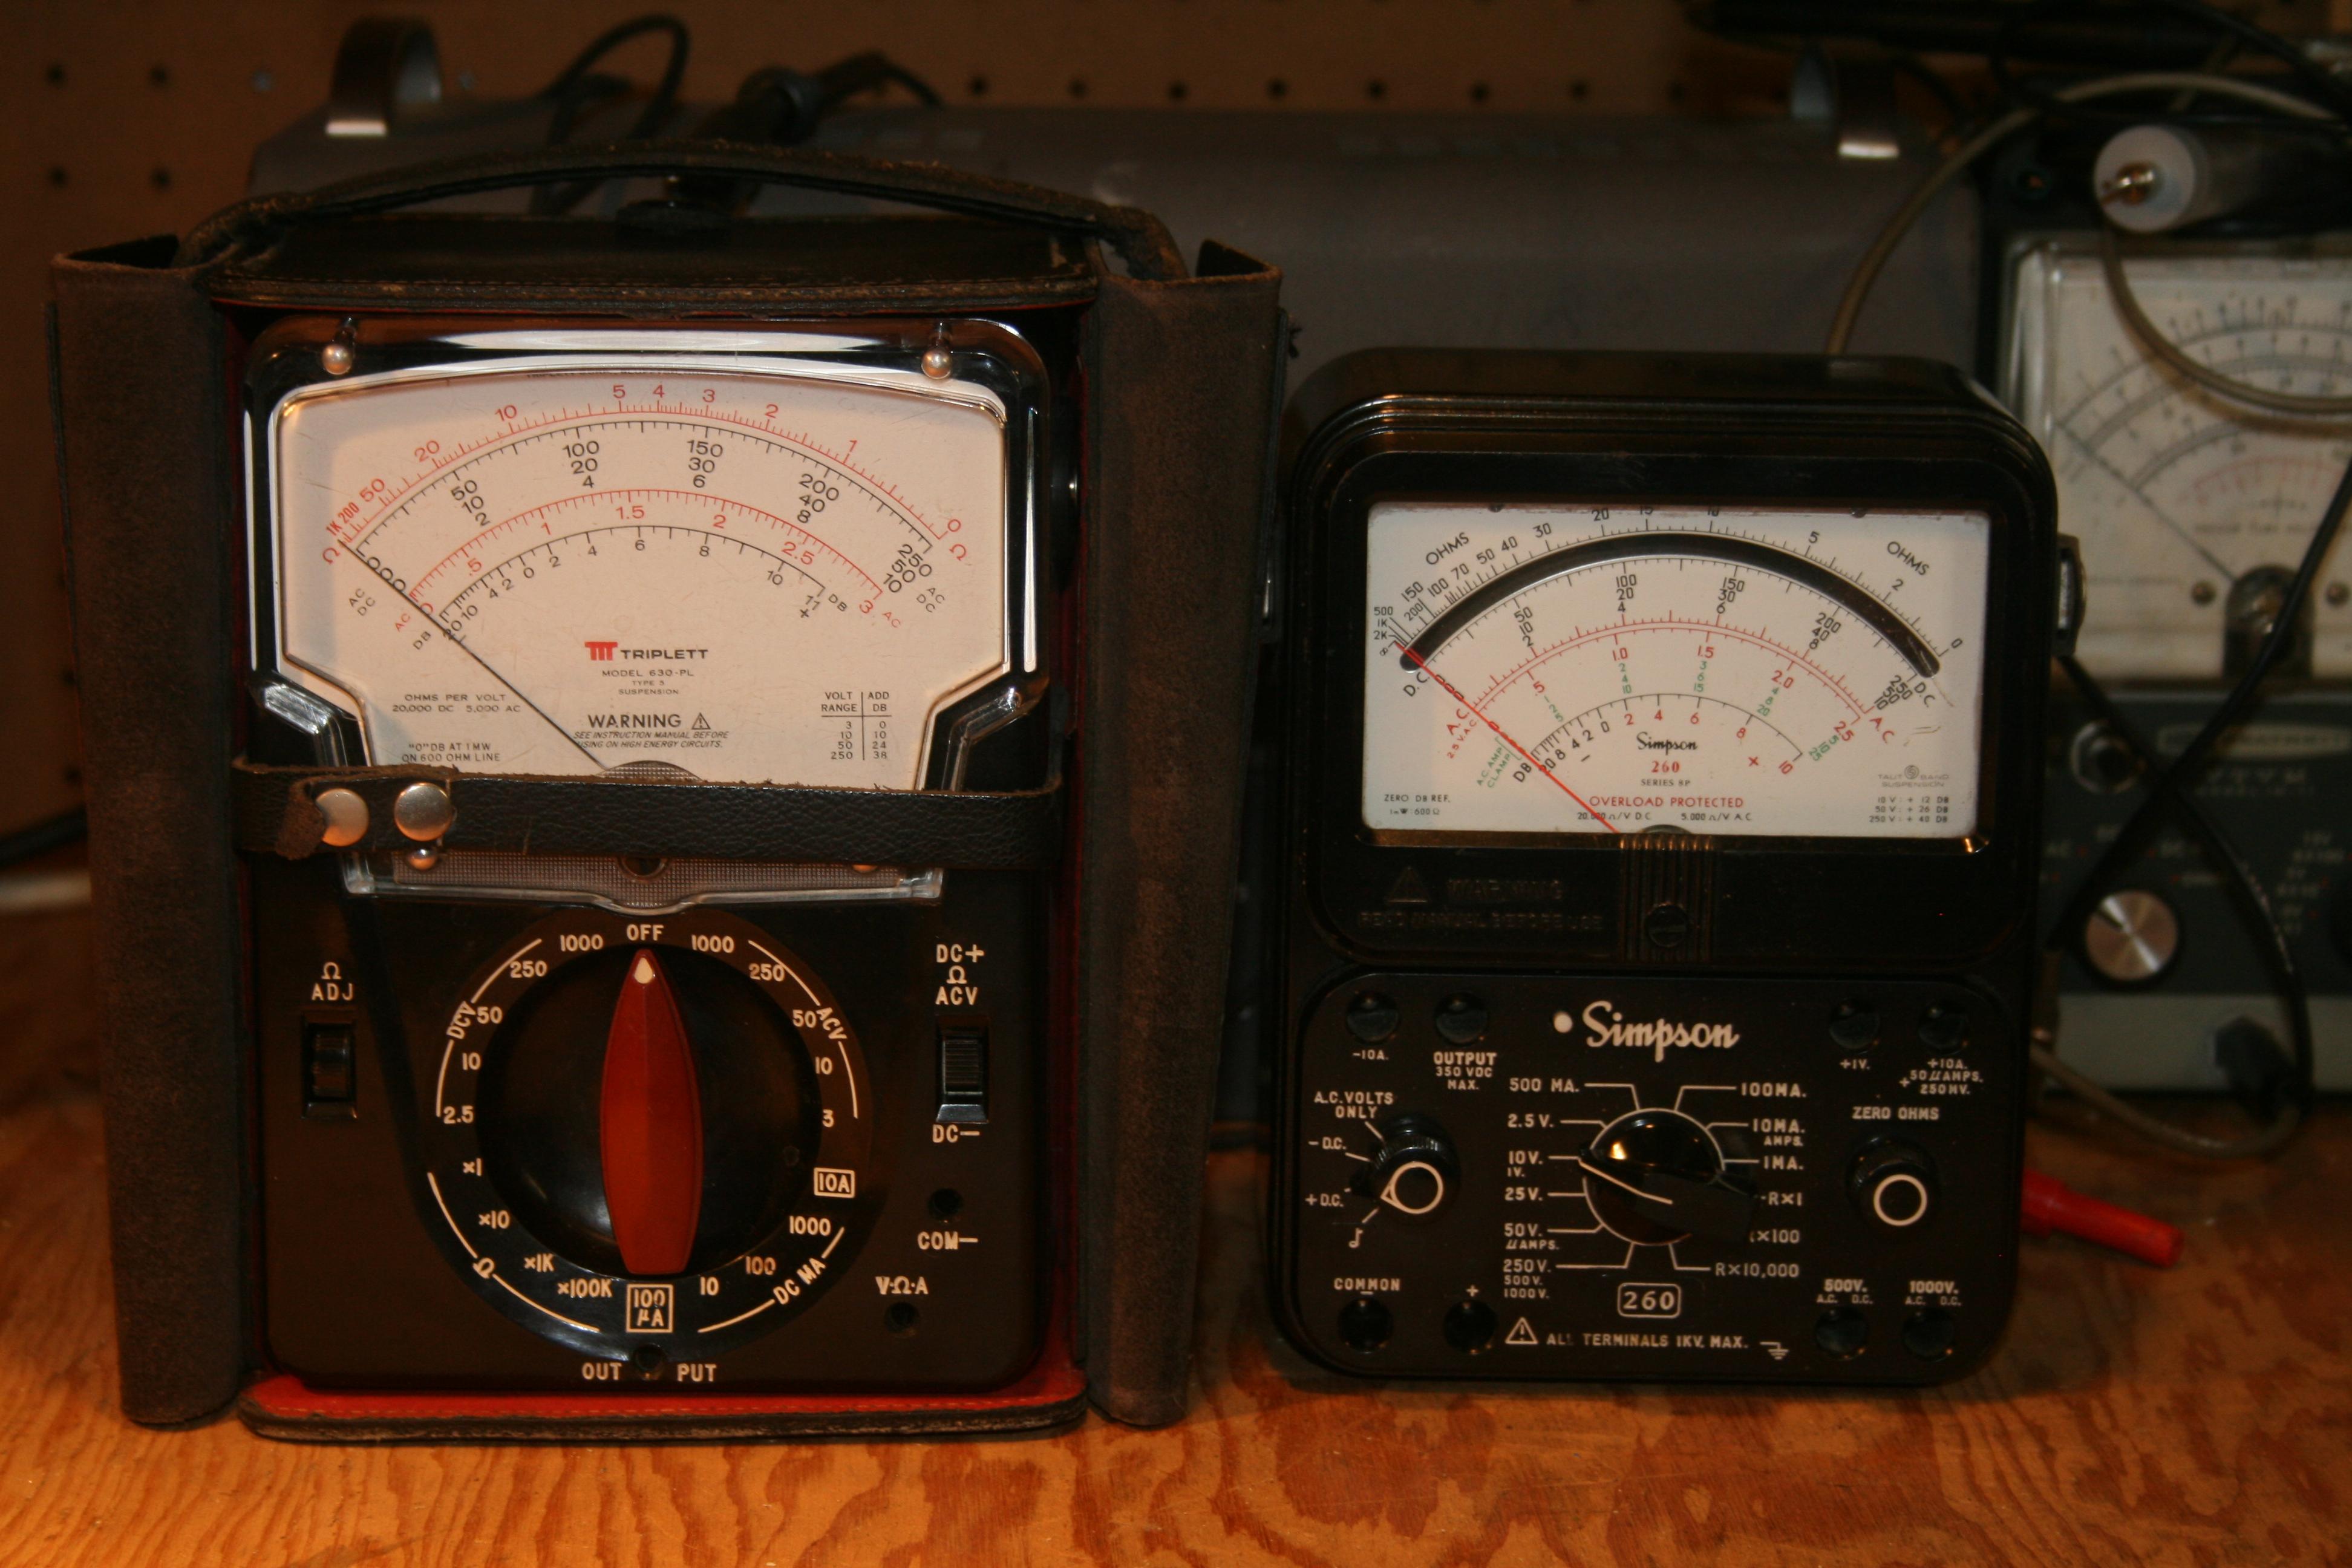 Triplett model 630-na type 2 instruction manual test equipment.